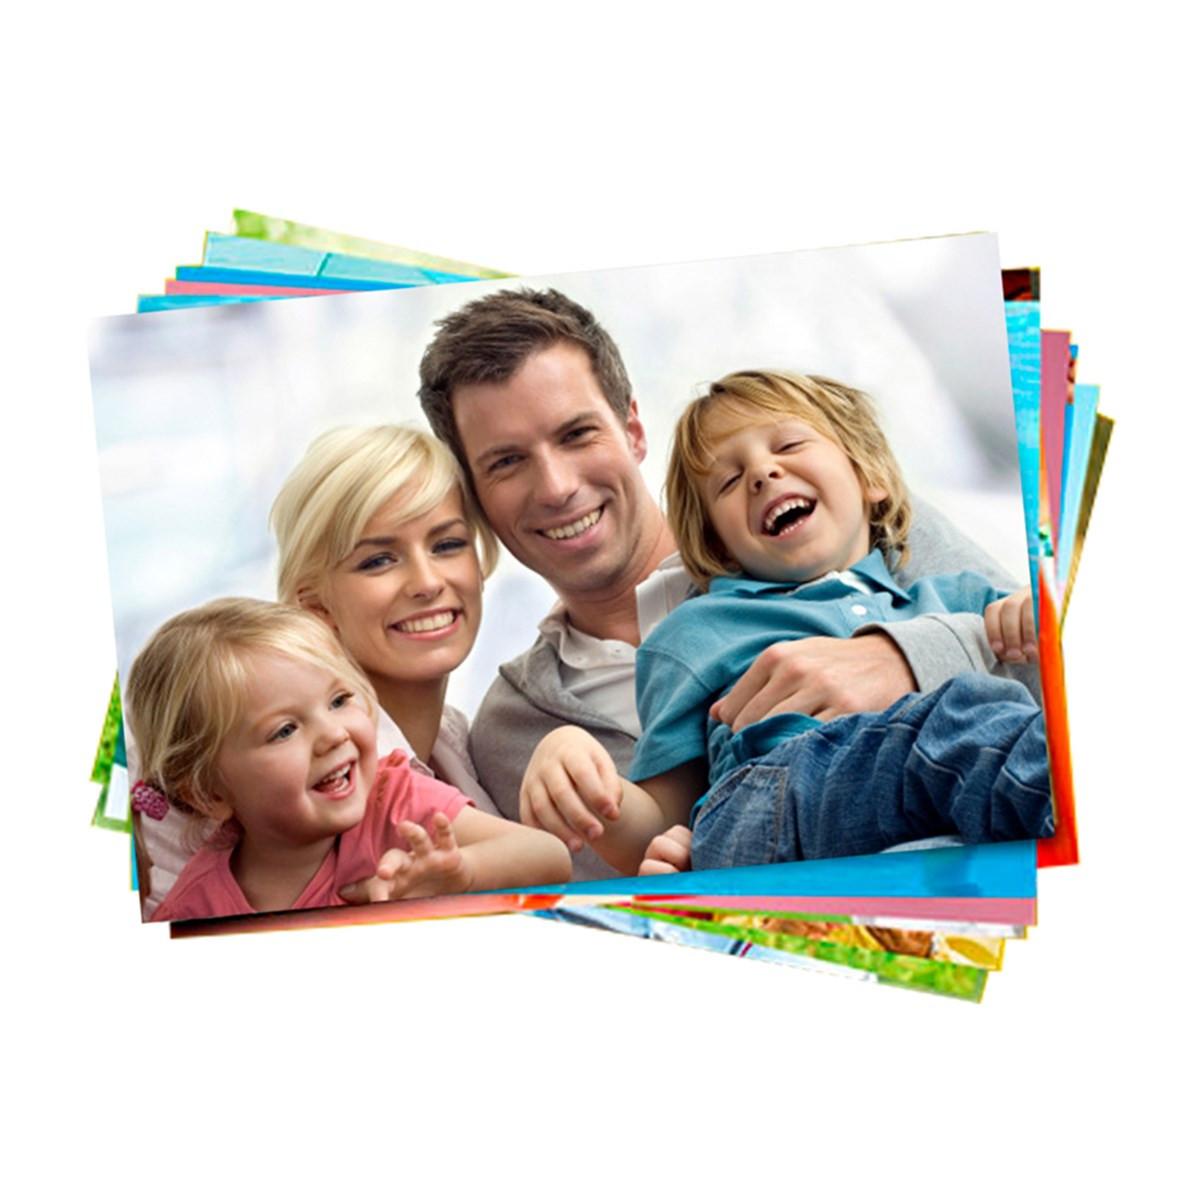 Papel Fotográfico Glossy Brilhante Adesivo | 130g tamanho A4 | Pacote com 50 folhas